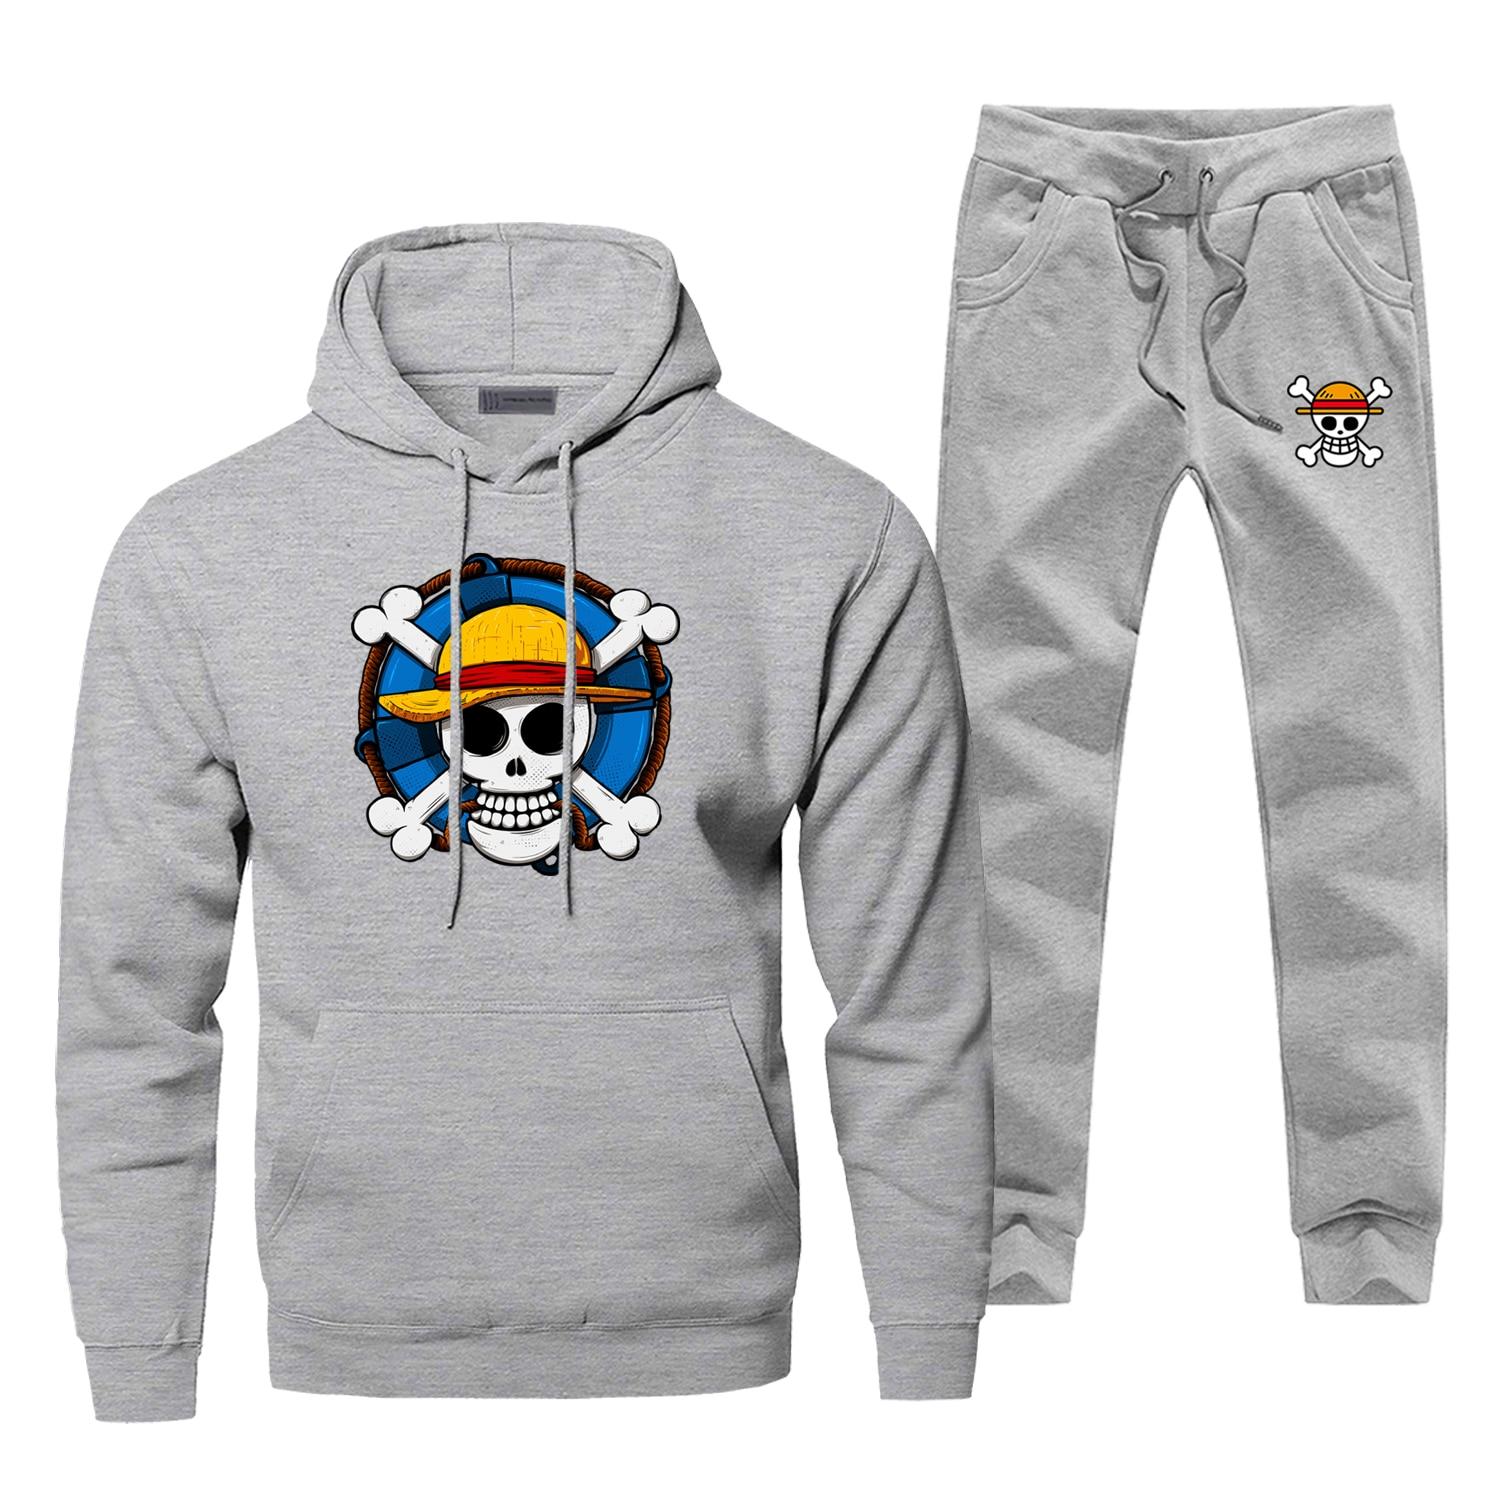 Male One Piece Hoodie Pants Set Men Skull Luffy Sweatshirt Male Hoodies Sweatshirts Mens Sets Two Piece Pant Pullover Hoody Coat